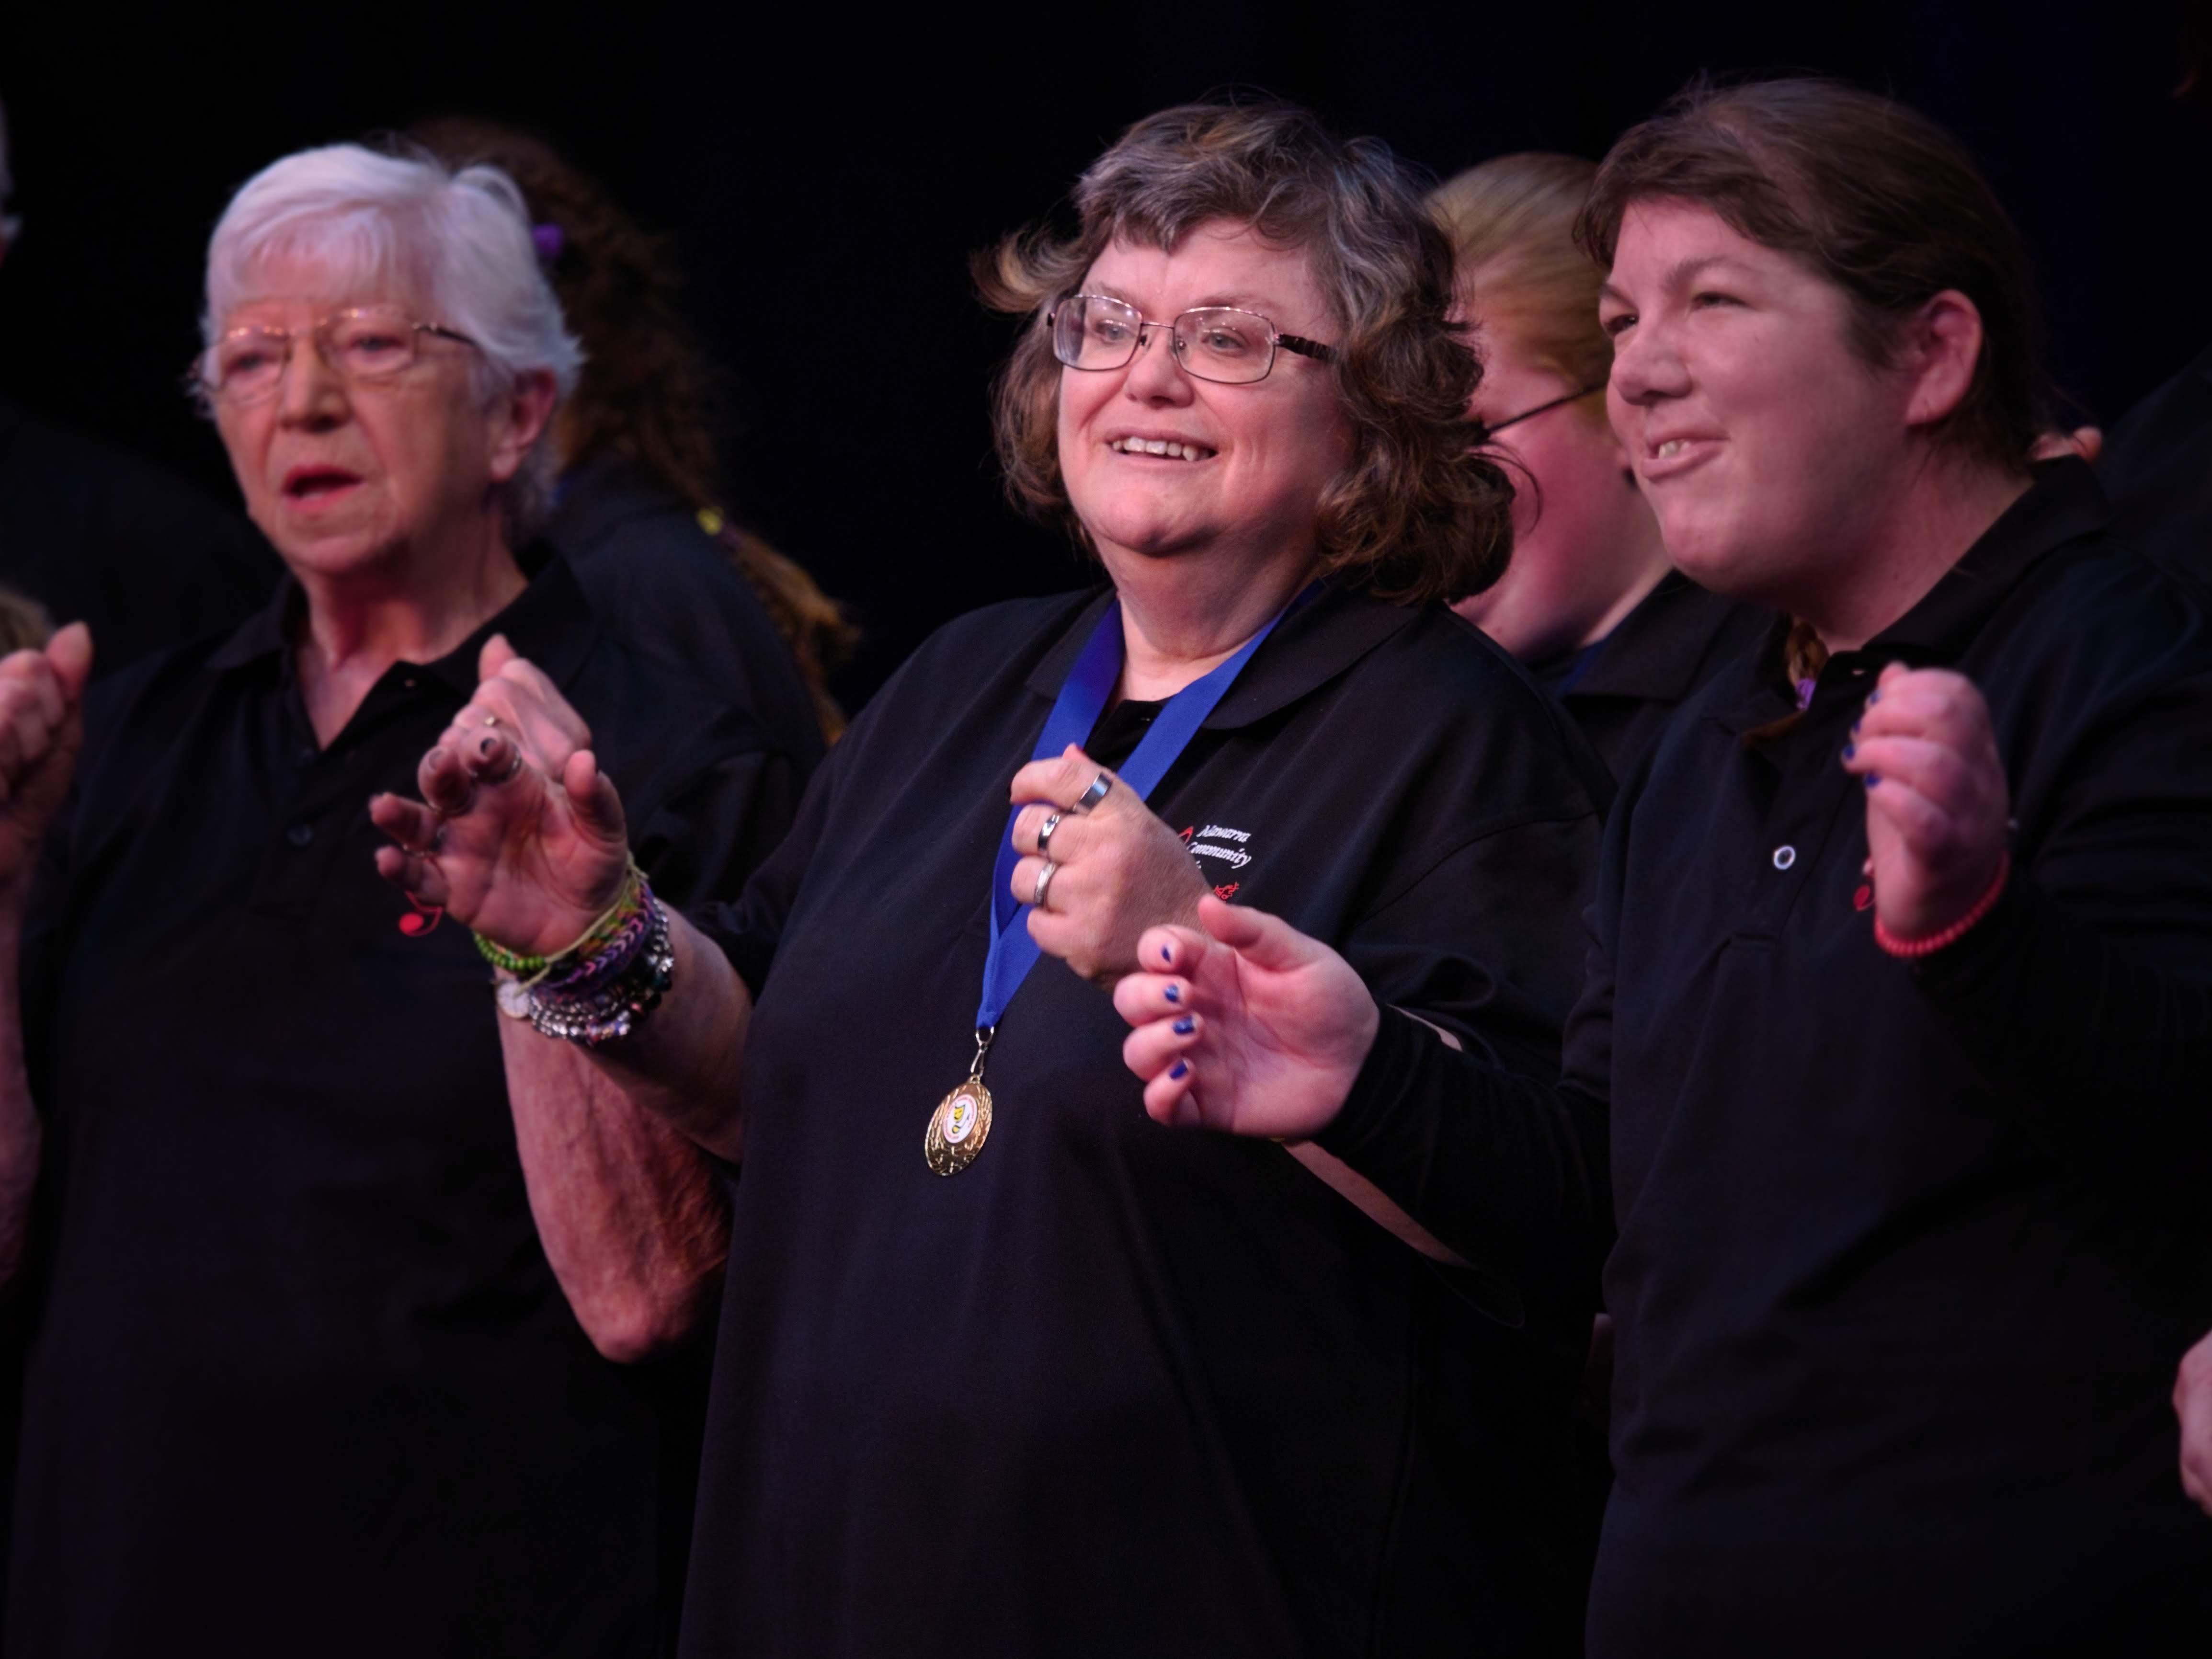 WGE Parasteddfod Mawarra Community Choir Performs